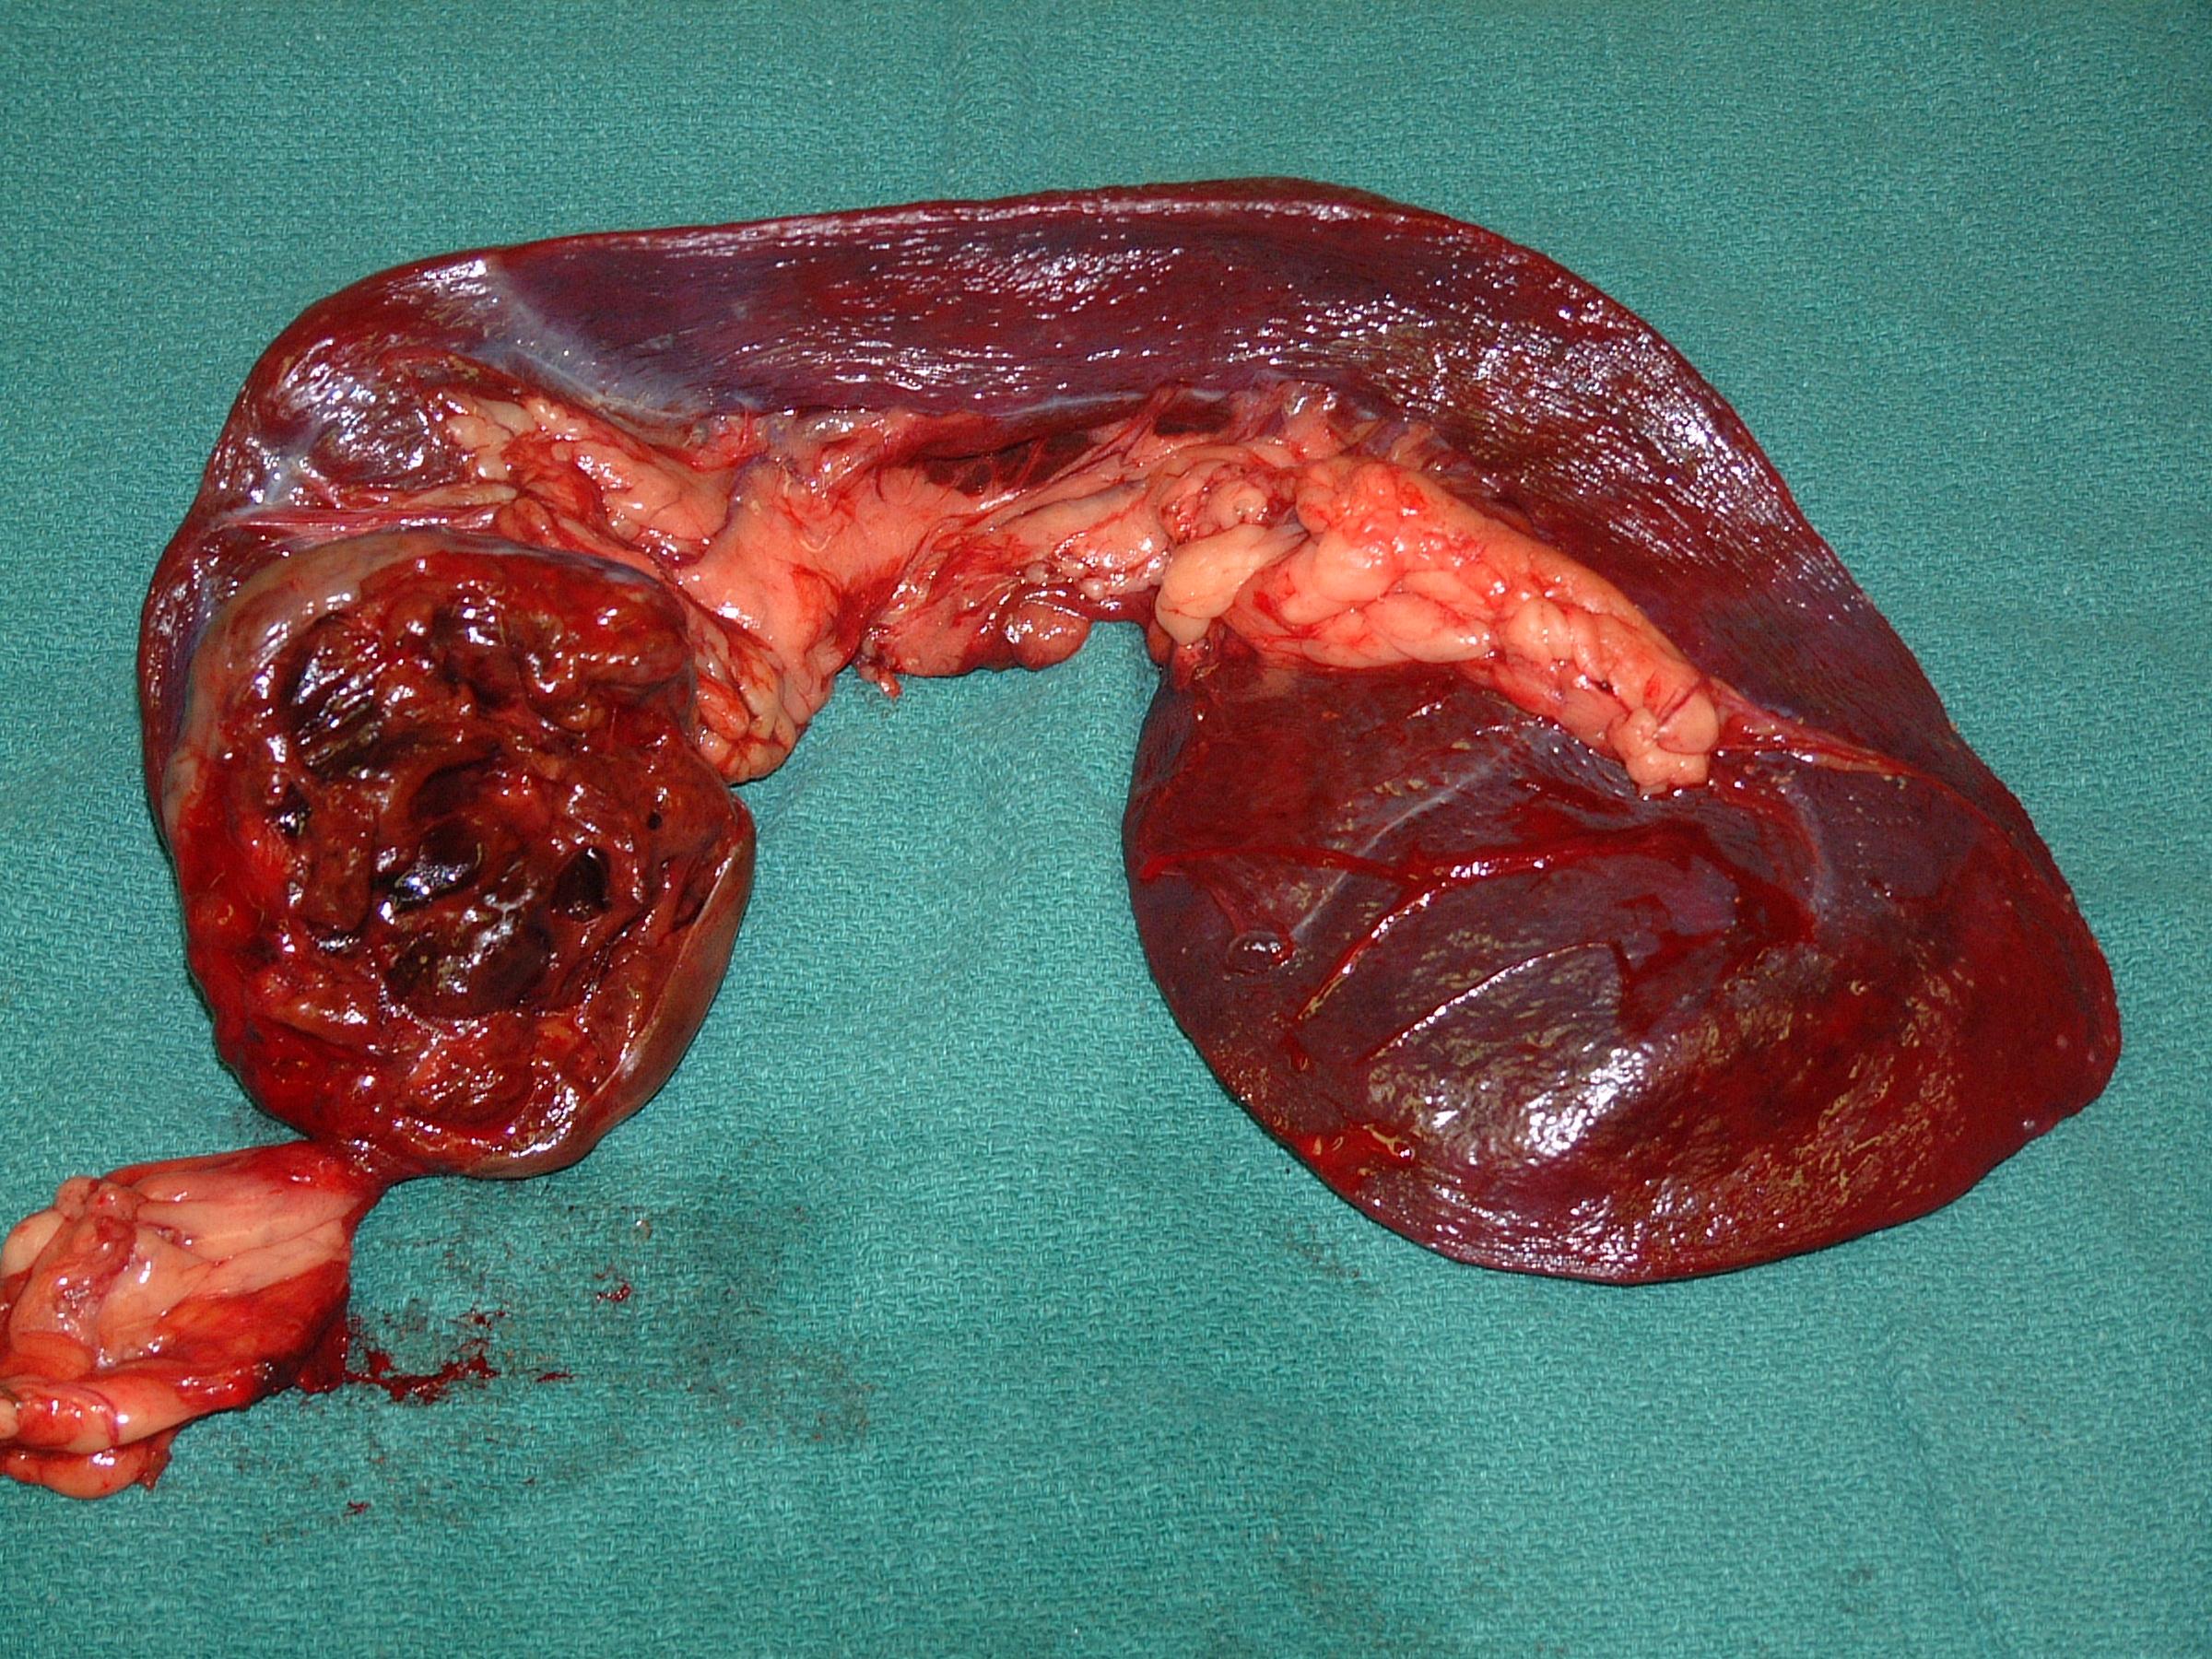 spleen HSA 039 postop gross 241805.JPG